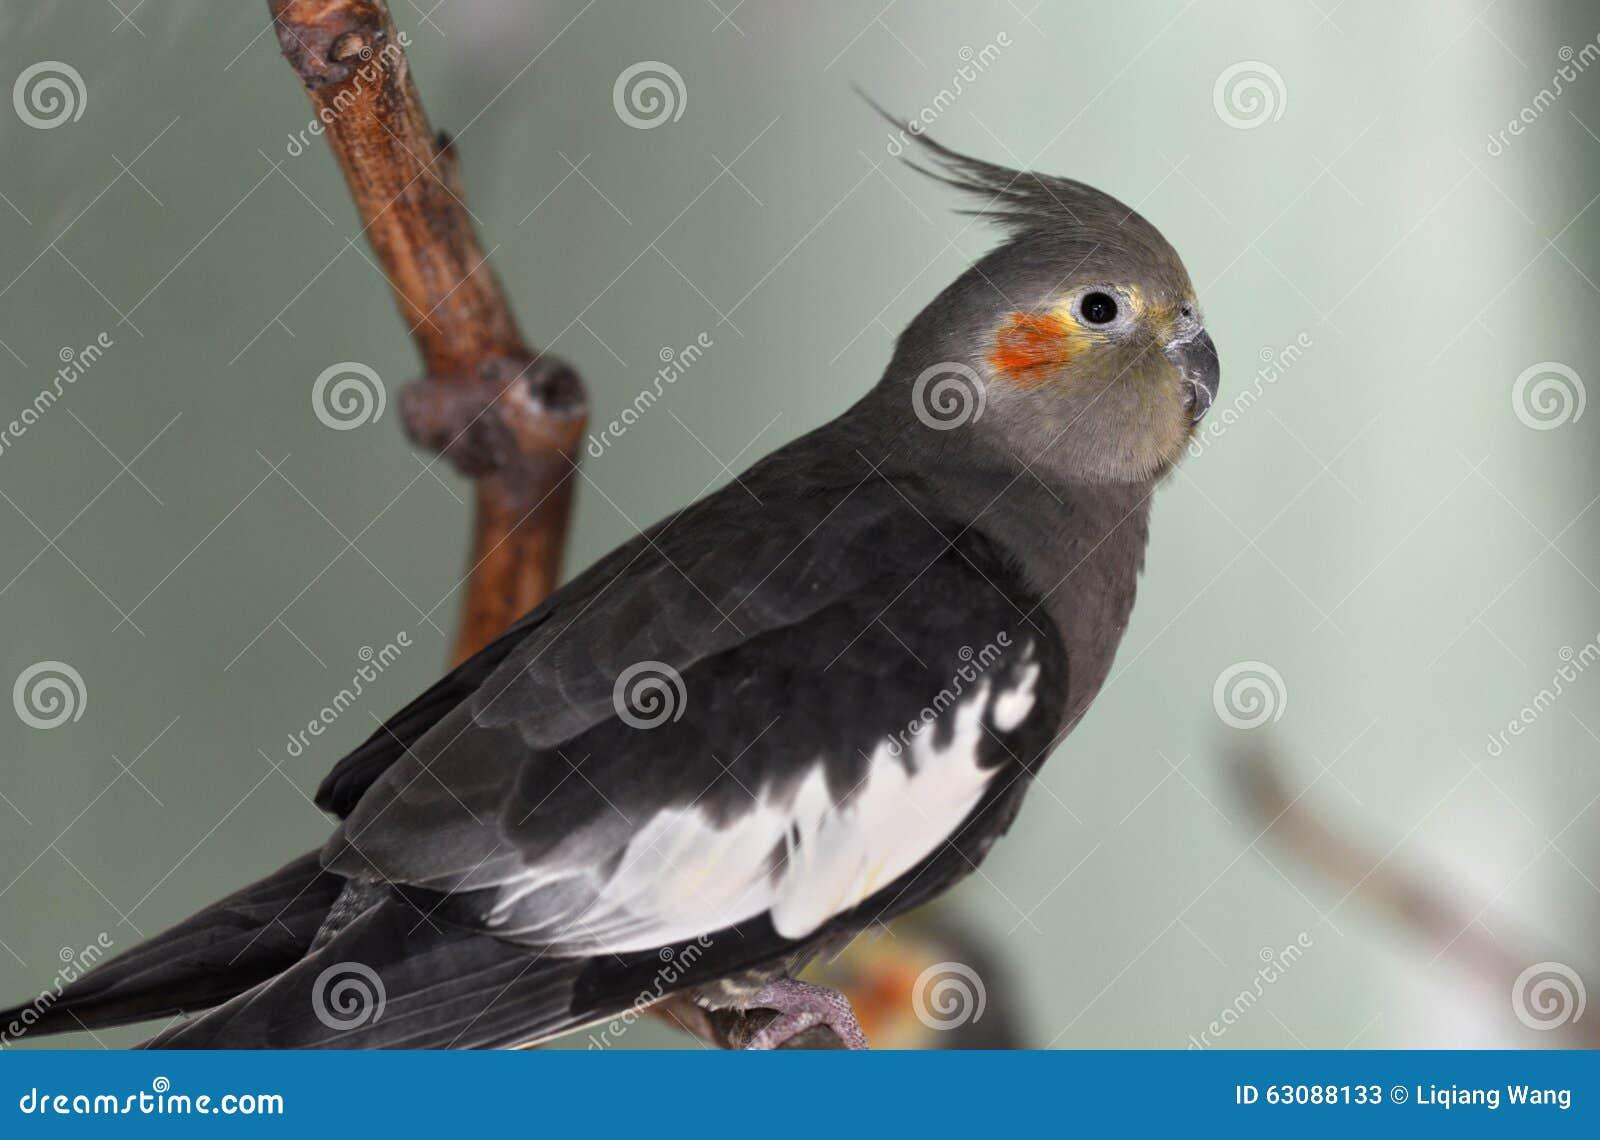 Download Cockatiel image stock. Image du oiseaux, australie, illustrations - 63088133